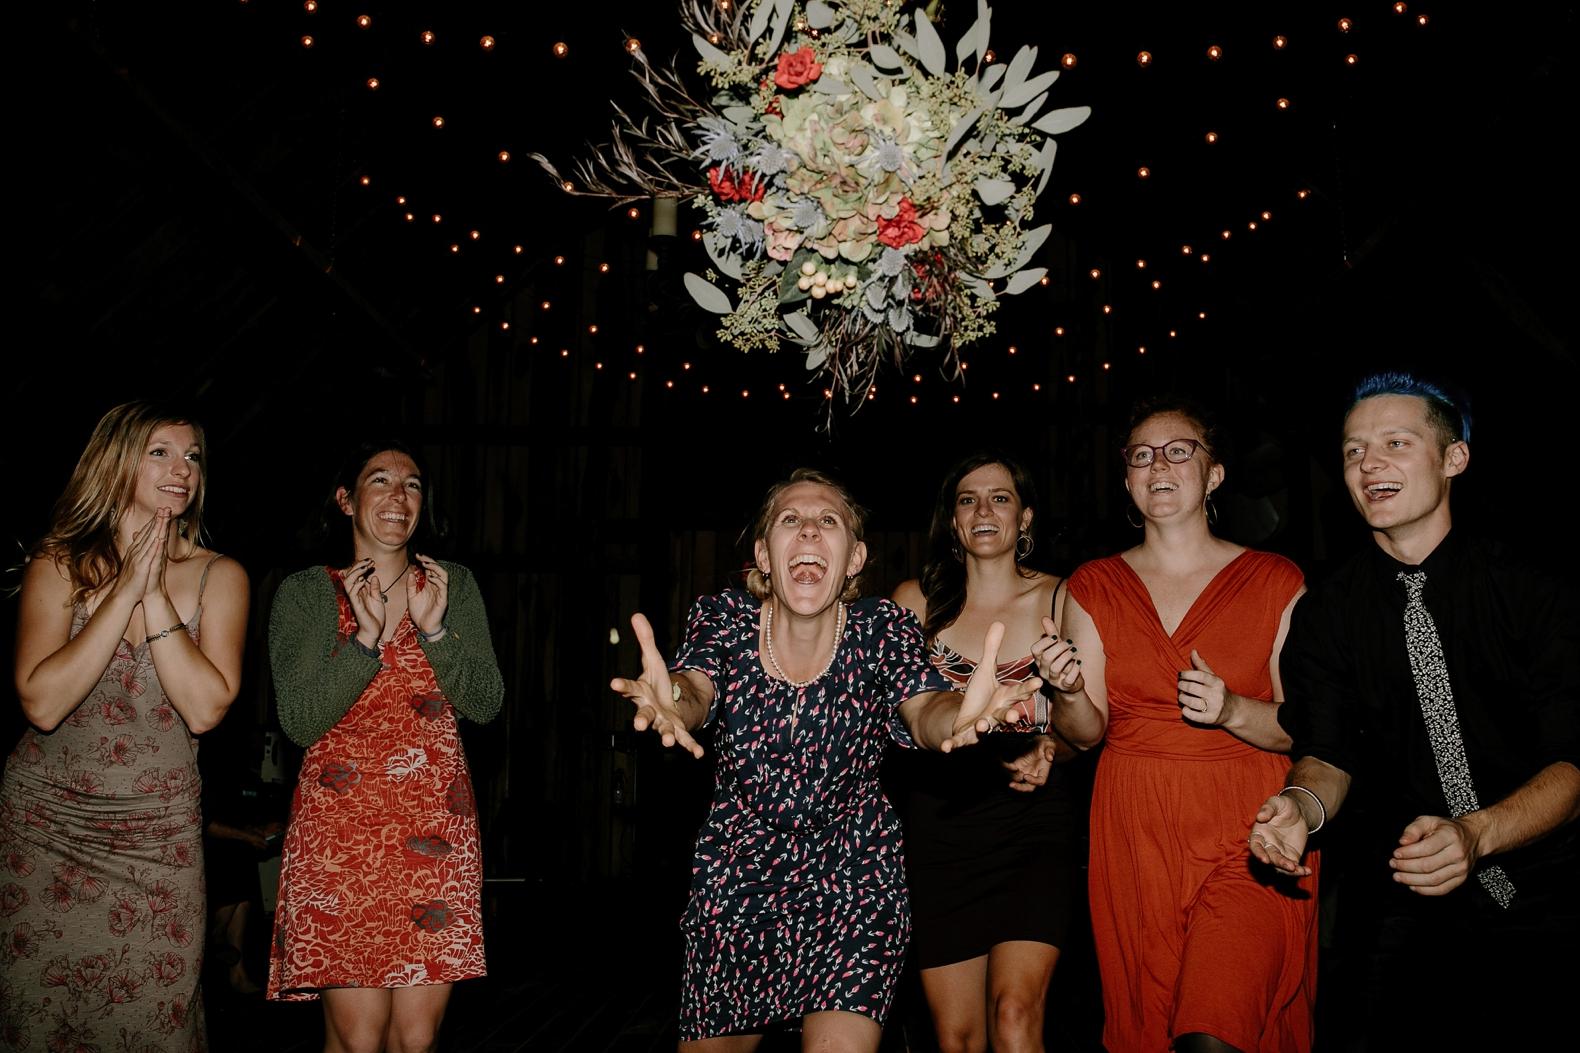 nashville-outdoor-wedding-0110